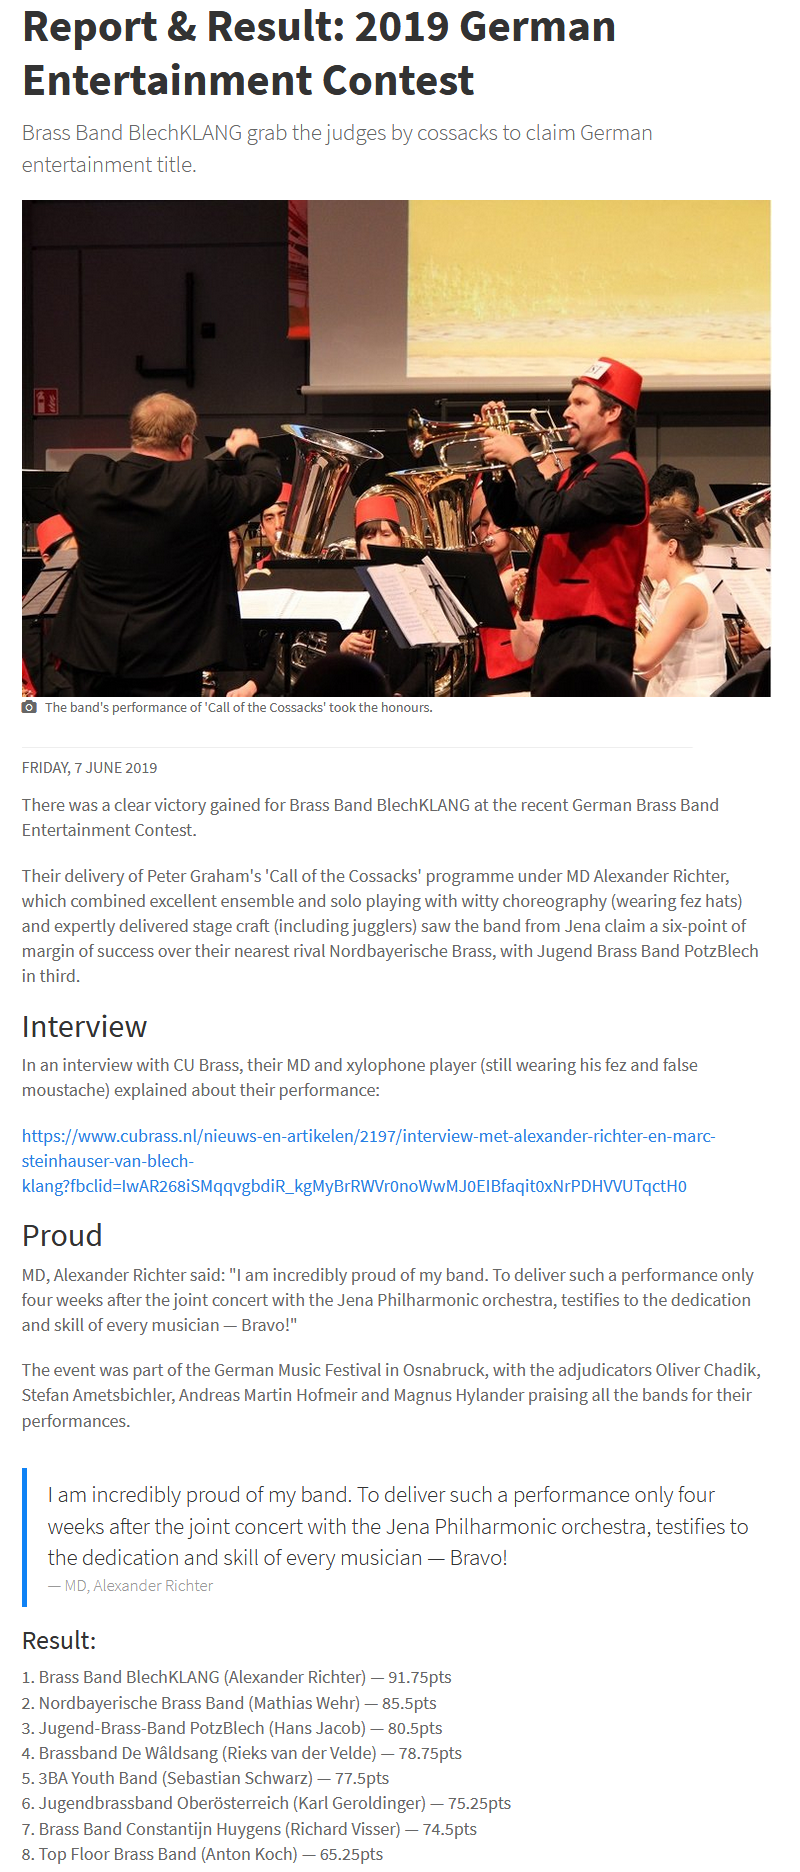 Artikel 4barsrest Brass Band BlechKLANG Entertainment Wettbewerb